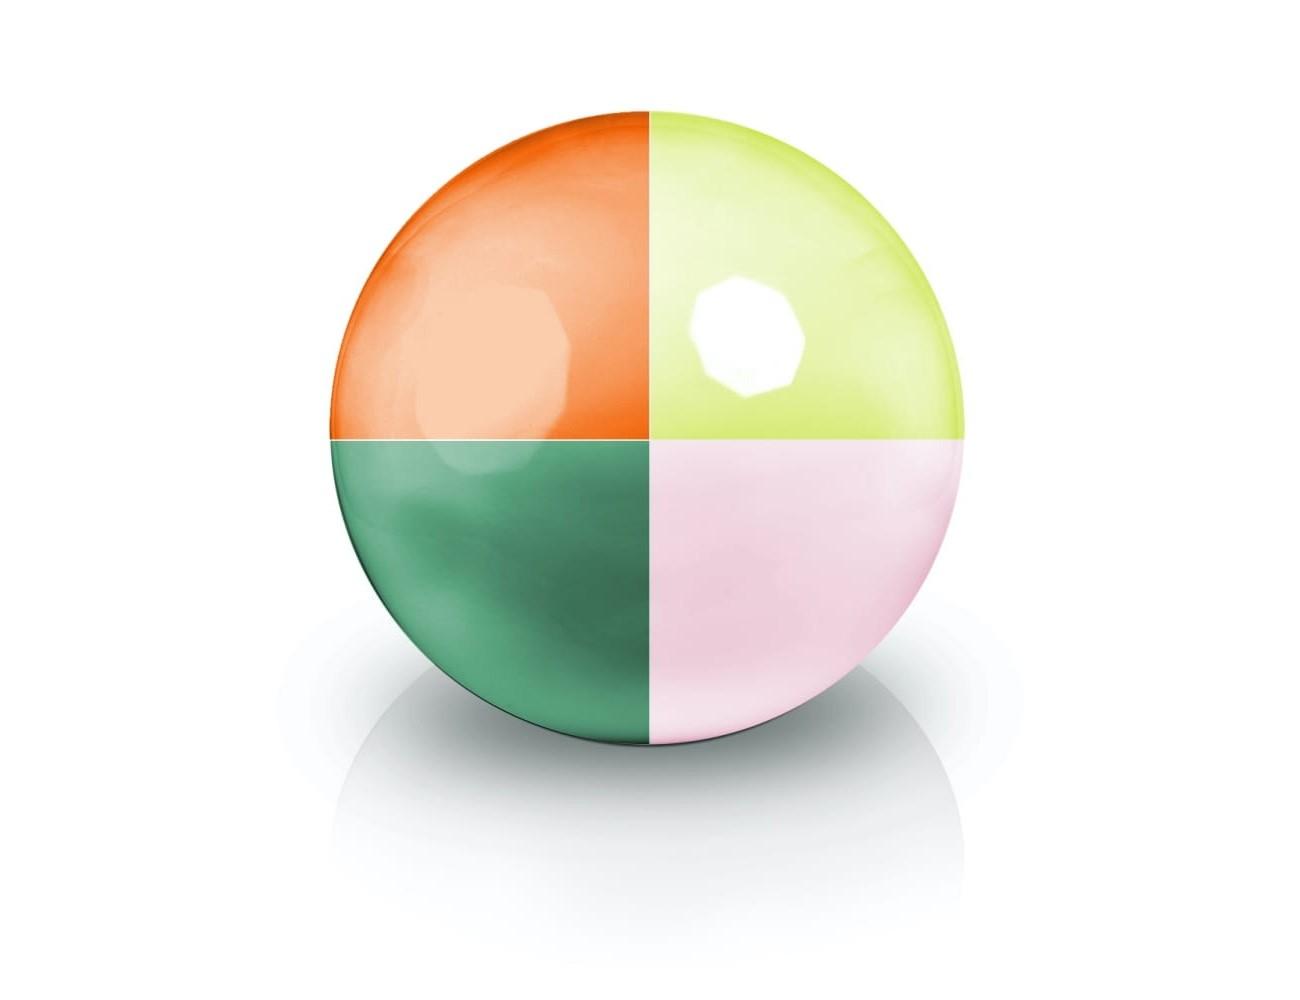 Ekskluzywna kula dekoracyjna 60x60 cm kolor na zamówienie